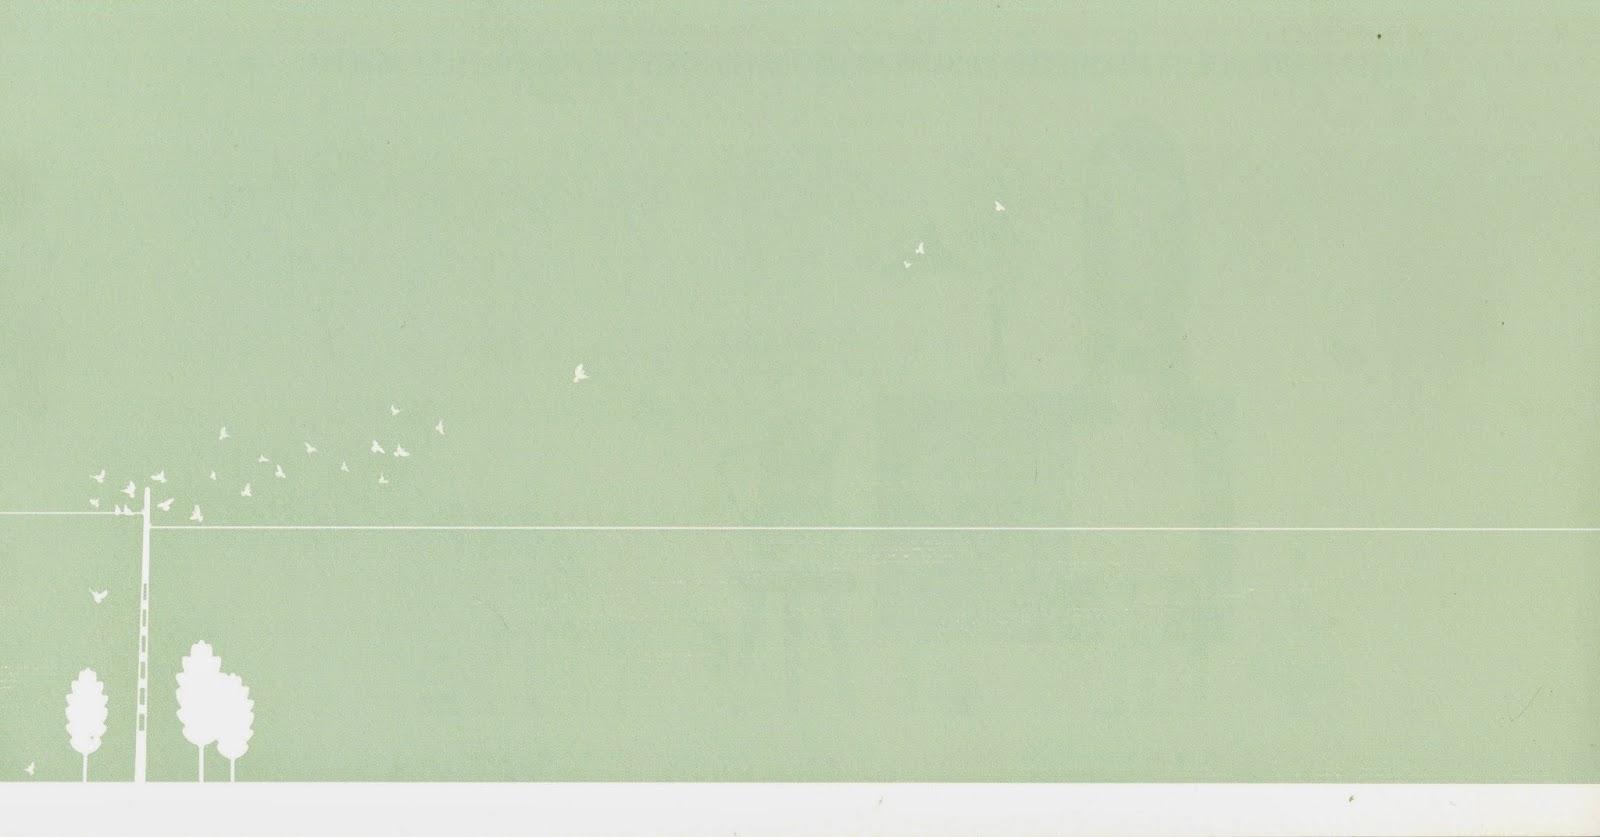 Una scatola gialla, Pieter Gaudesaboos - Sinnos 2014